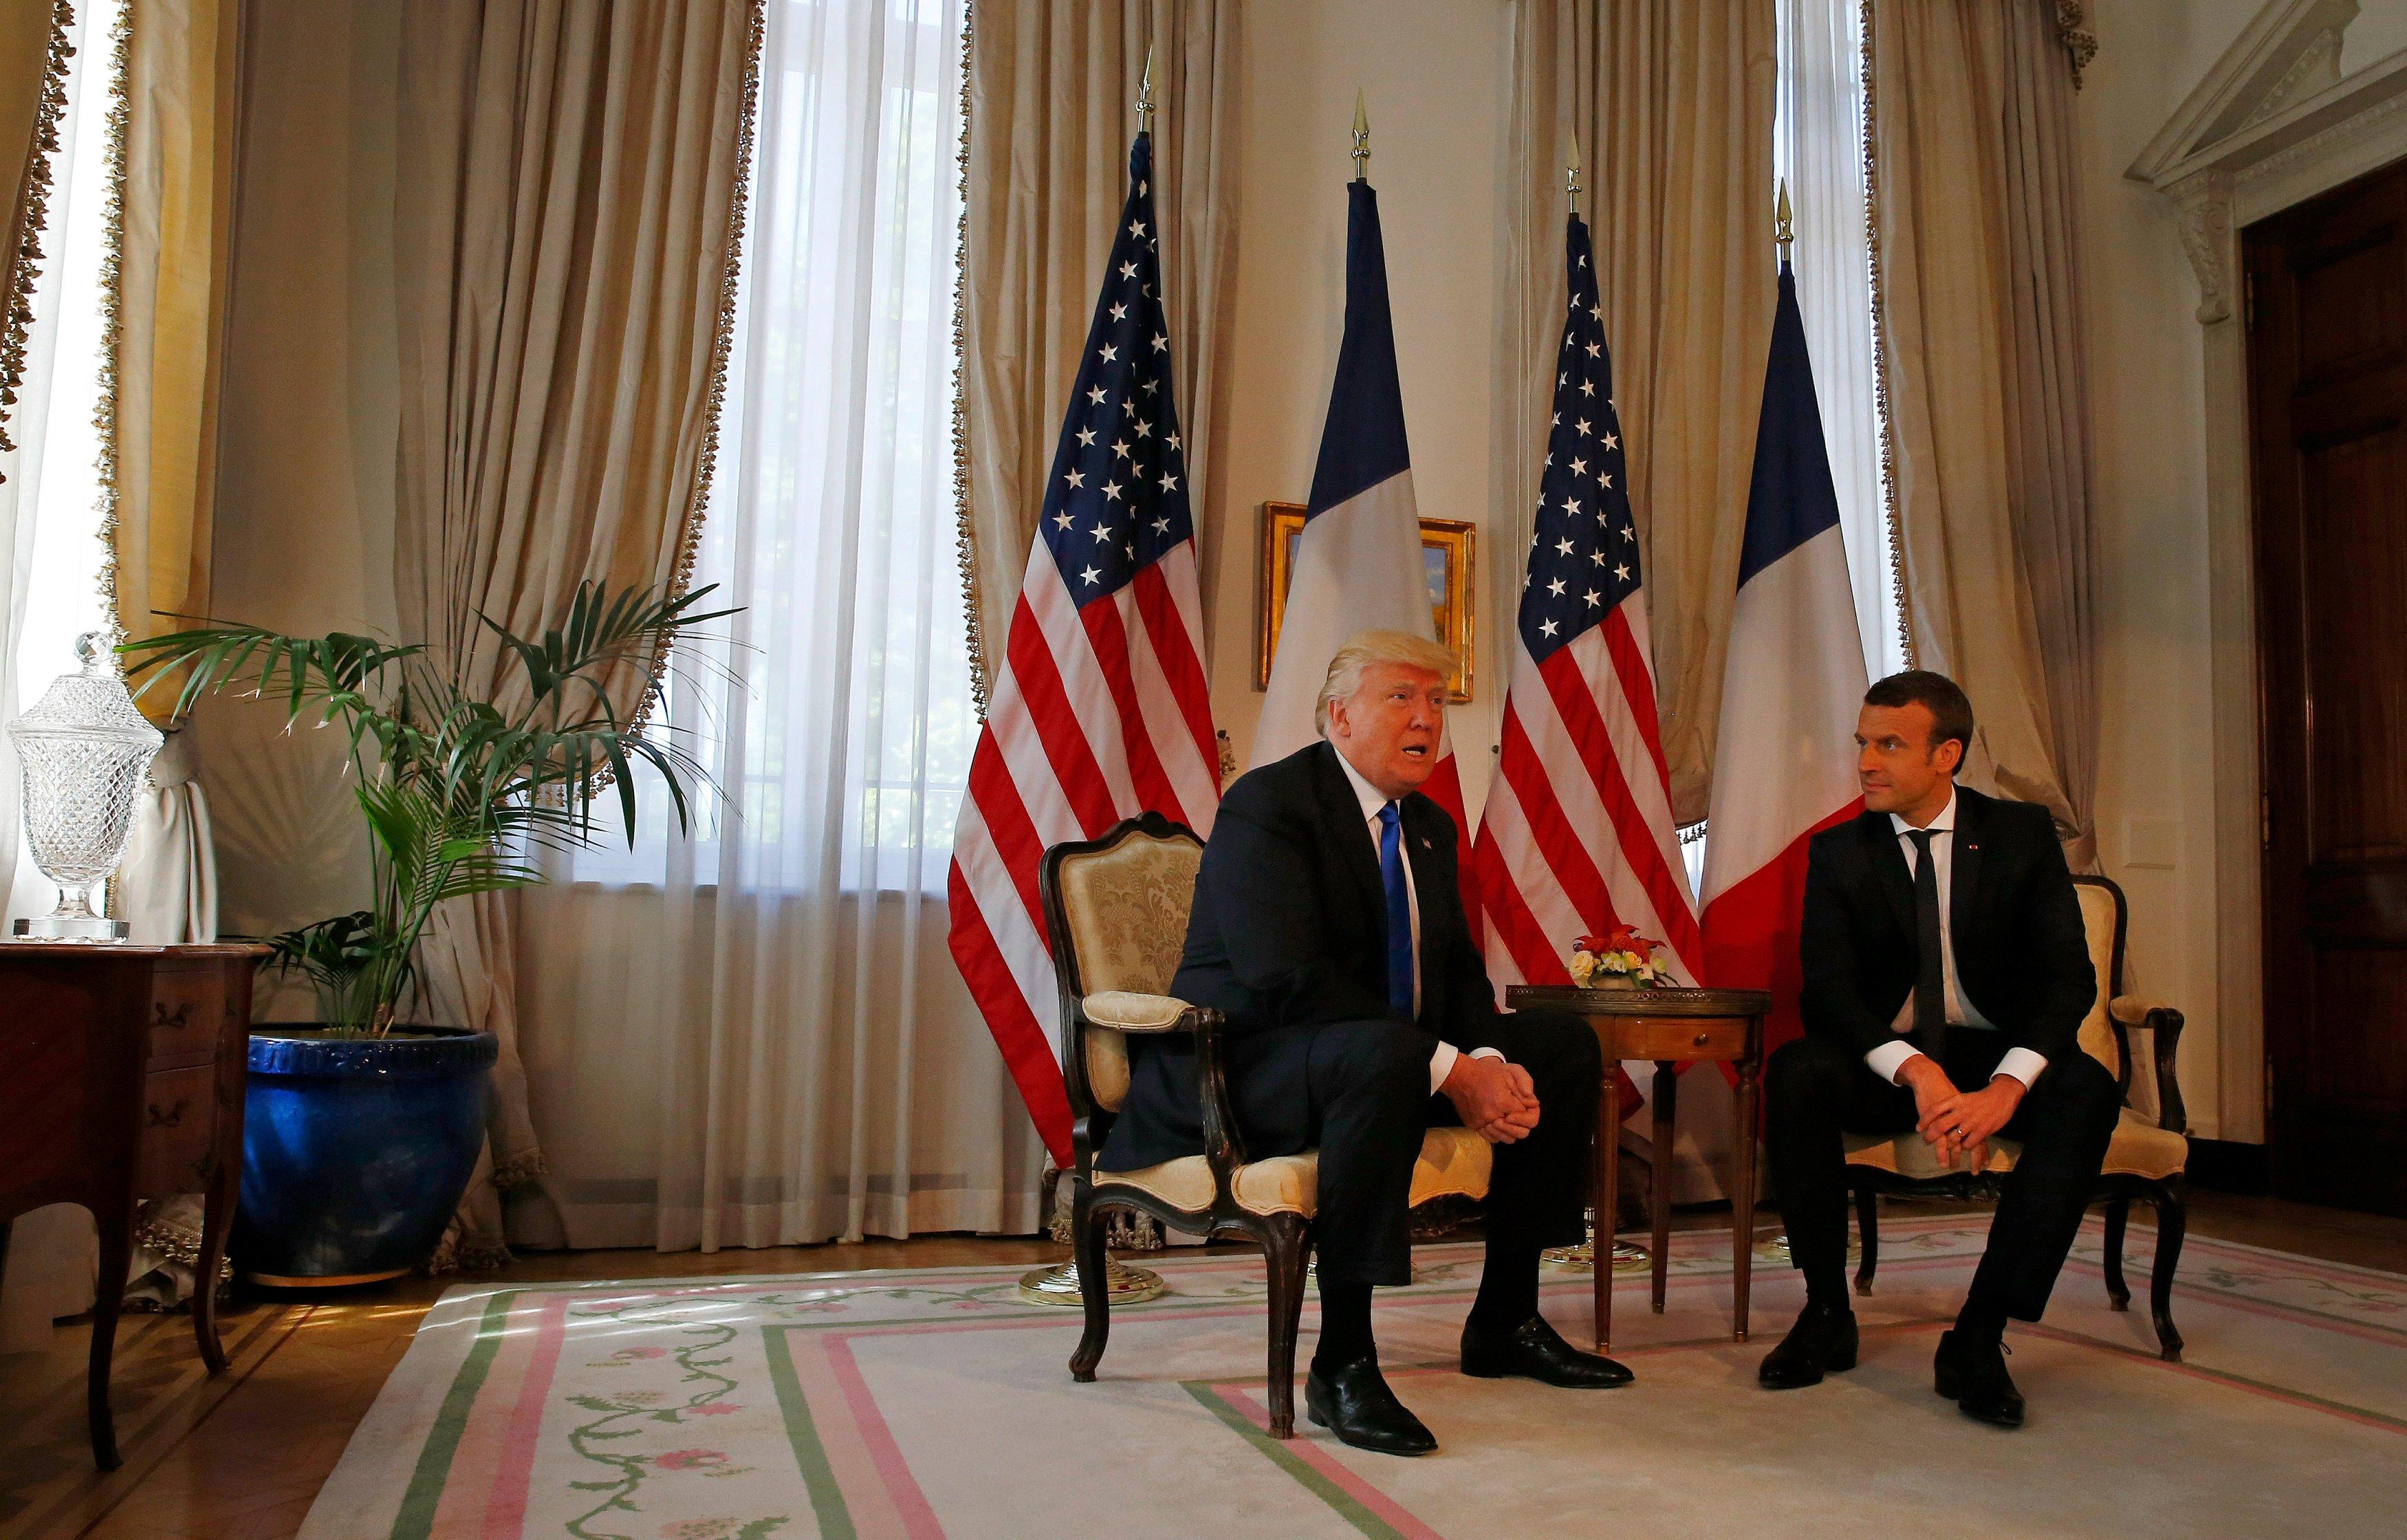 الرئيسان الأميركي و الفرنسي يدينان الأسد وراعييه الروسي والإيراني